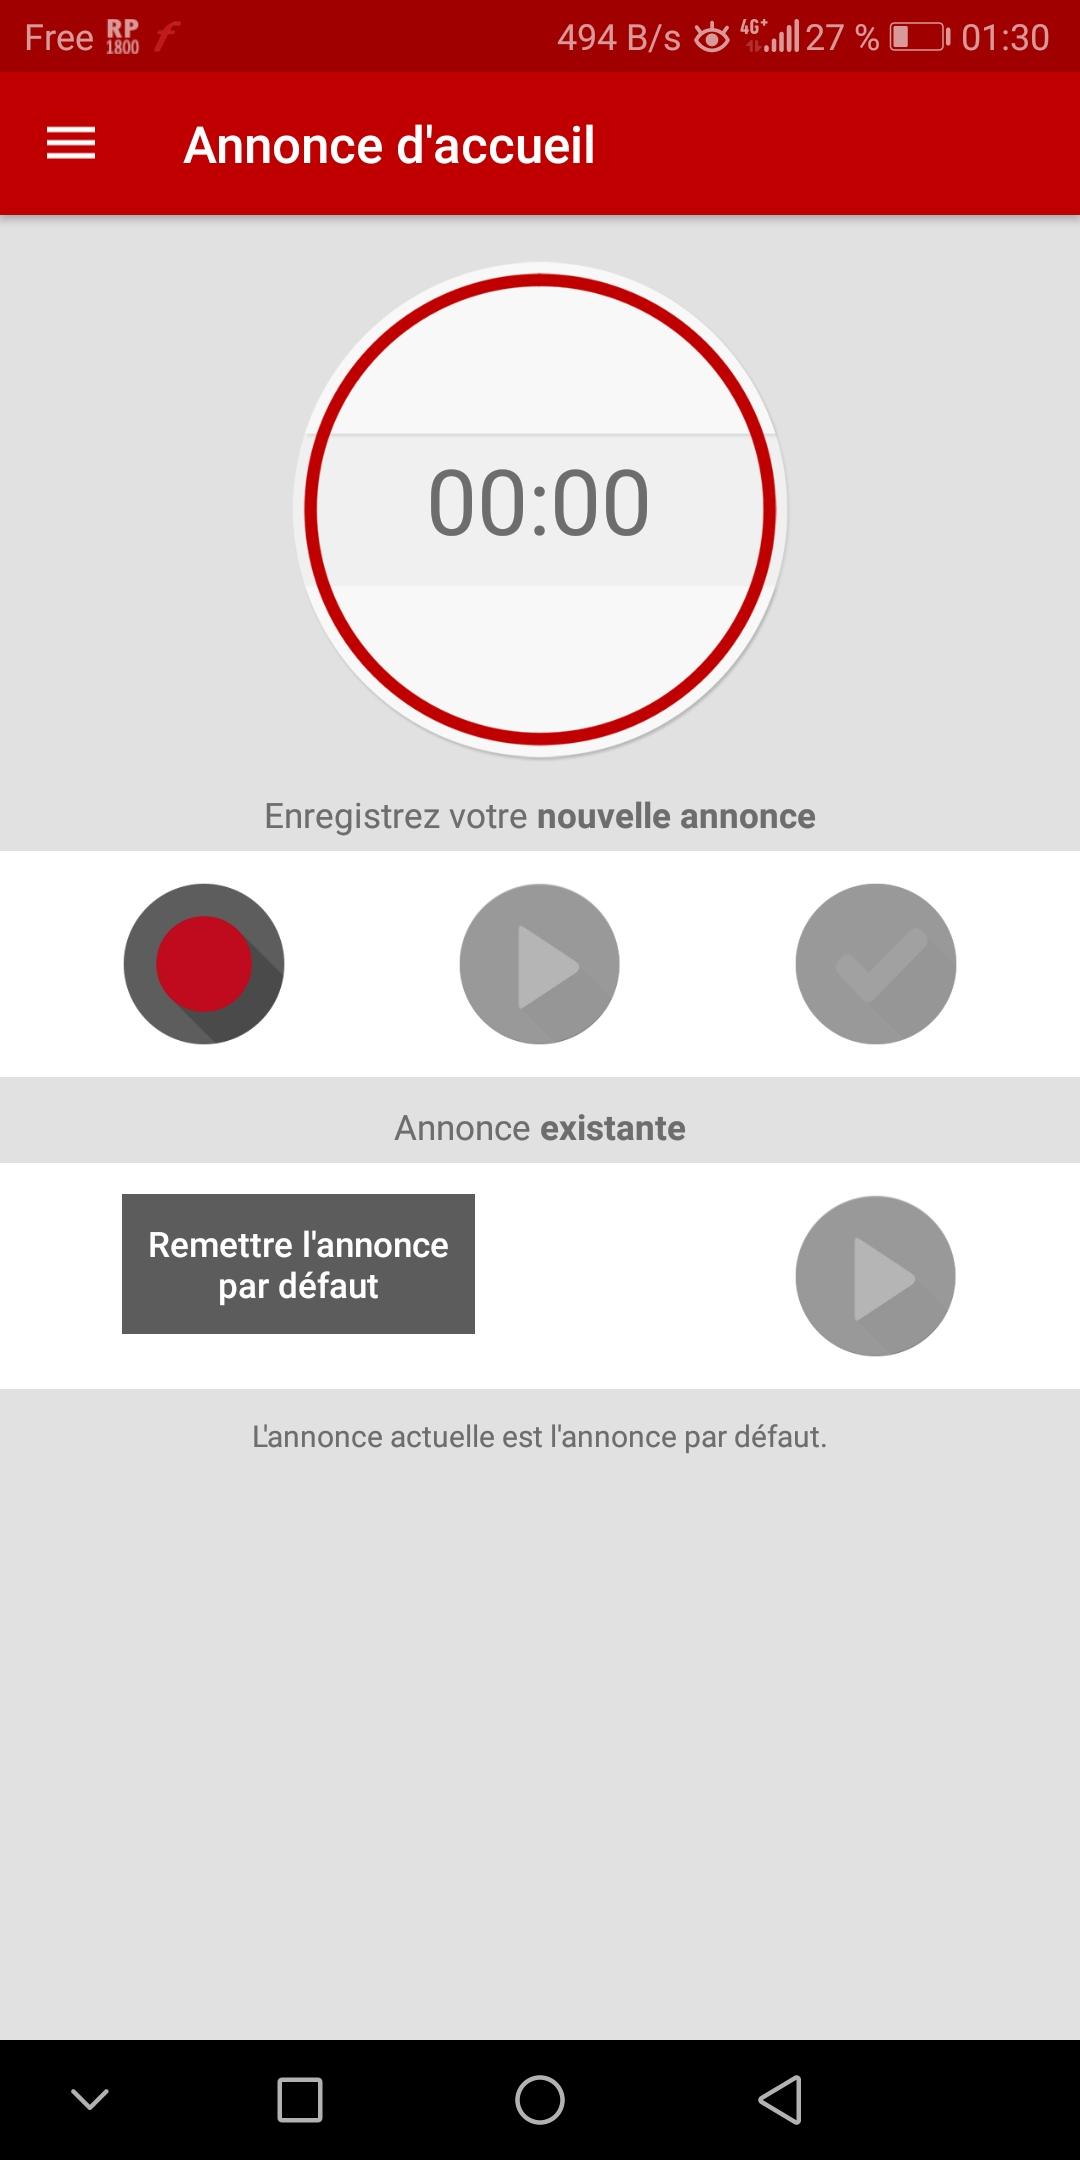 la messagerie vocale free la r union est enfin disponible en b ta. Black Bedroom Furniture Sets. Home Design Ideas